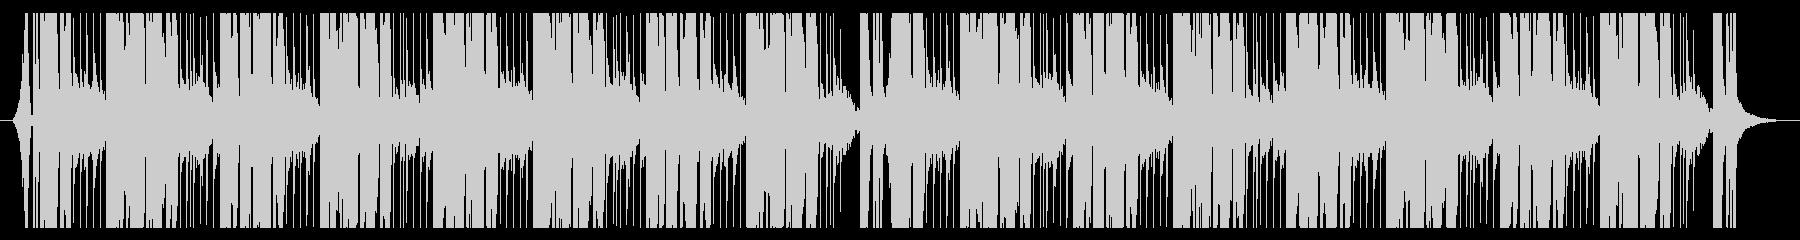 かわいいフューチャーベースNo386_5の未再生の波形